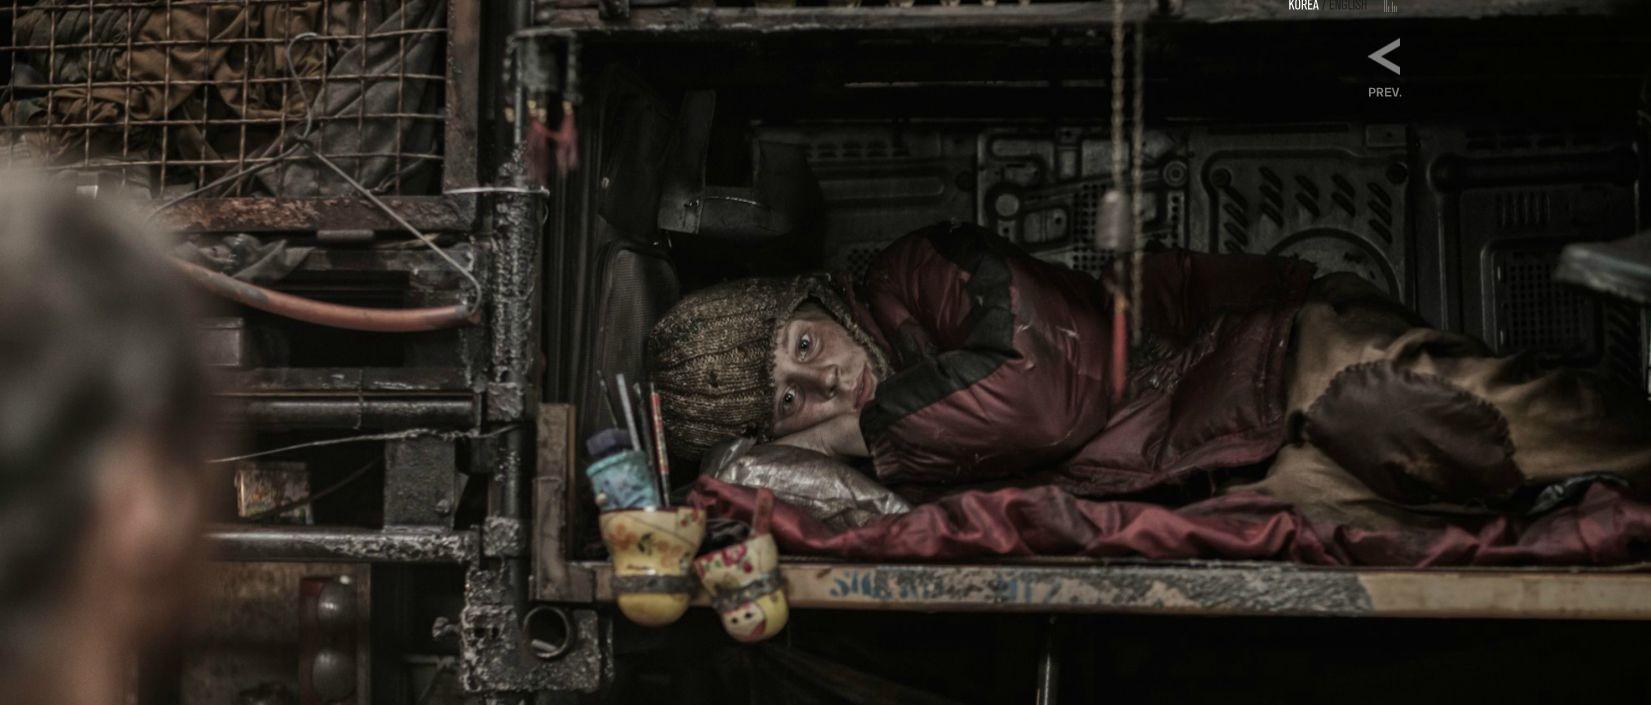 snowpiercer-huddled-passenger.jpg